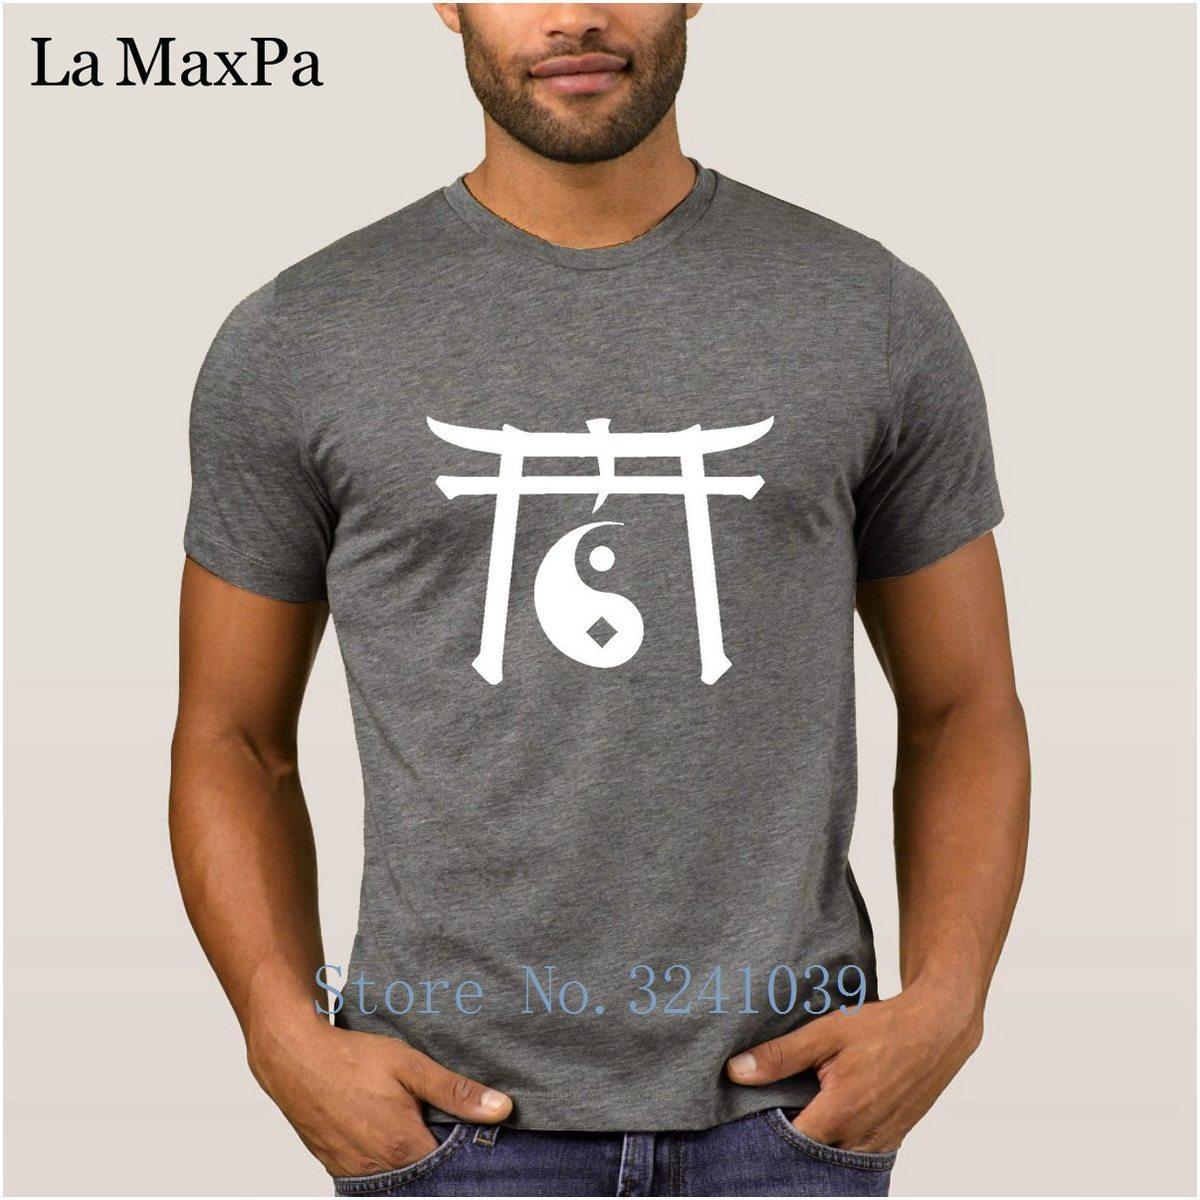 Nova Camiseta 100% Algodão de Manga Curta Verão Tshirt Para Homens Skan Ying Yang T-Shirt dos homens de Cor Sólida Em Torno Do Pescoço Tee Tops